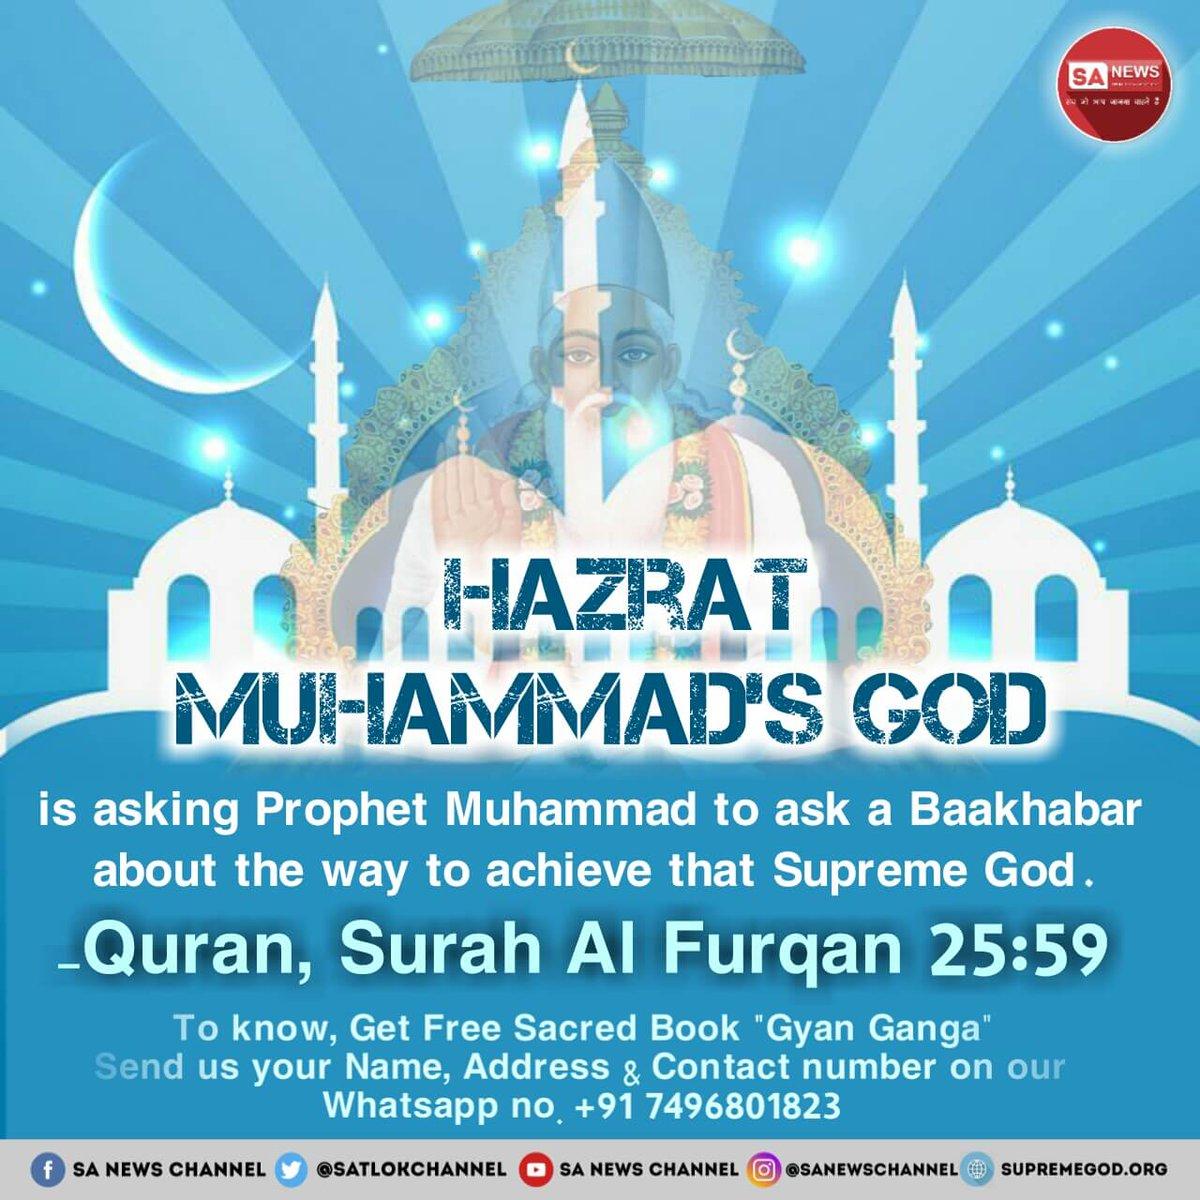 #Kabir_Is_God पवित्र कुरान में लिखा है कबीर अल्लाह ही पूजा के योग्य हैं। वह सर्व पापों को विनाश करने वाले हैं। उनकी पवित्र महिमा का गुणगान करो - सुरत-फुर्कानि 25:58 अधिक जानकारी के लिए सुने सत्संग साधना टीवी 7:30 pm